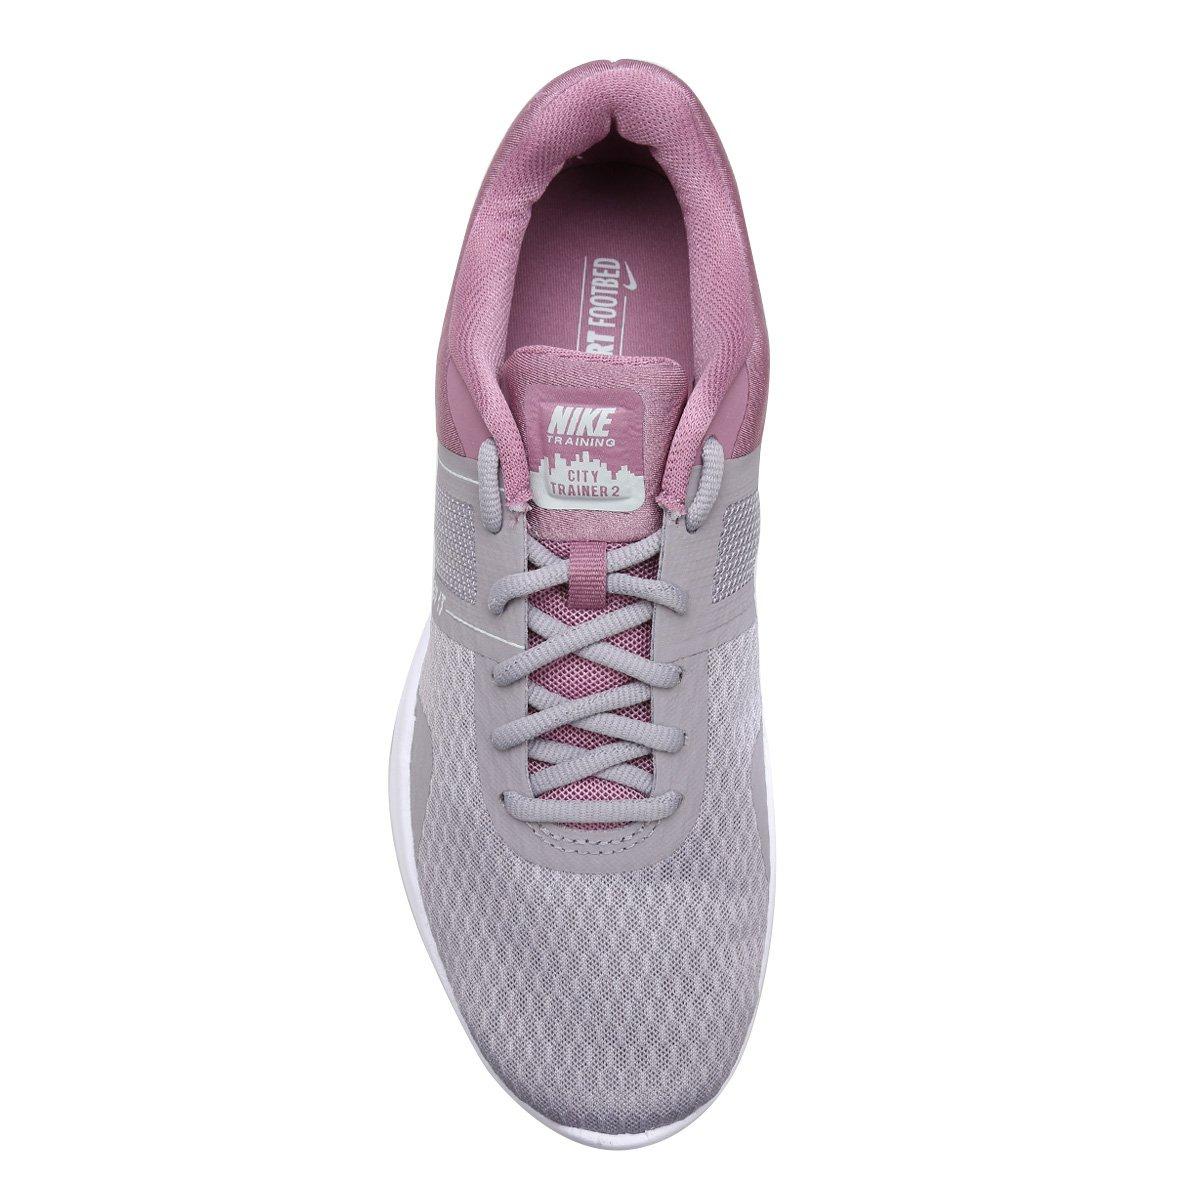 c017194932 Tênis Nike City Trainer 2 Feminino - Rosa - Compre Agora